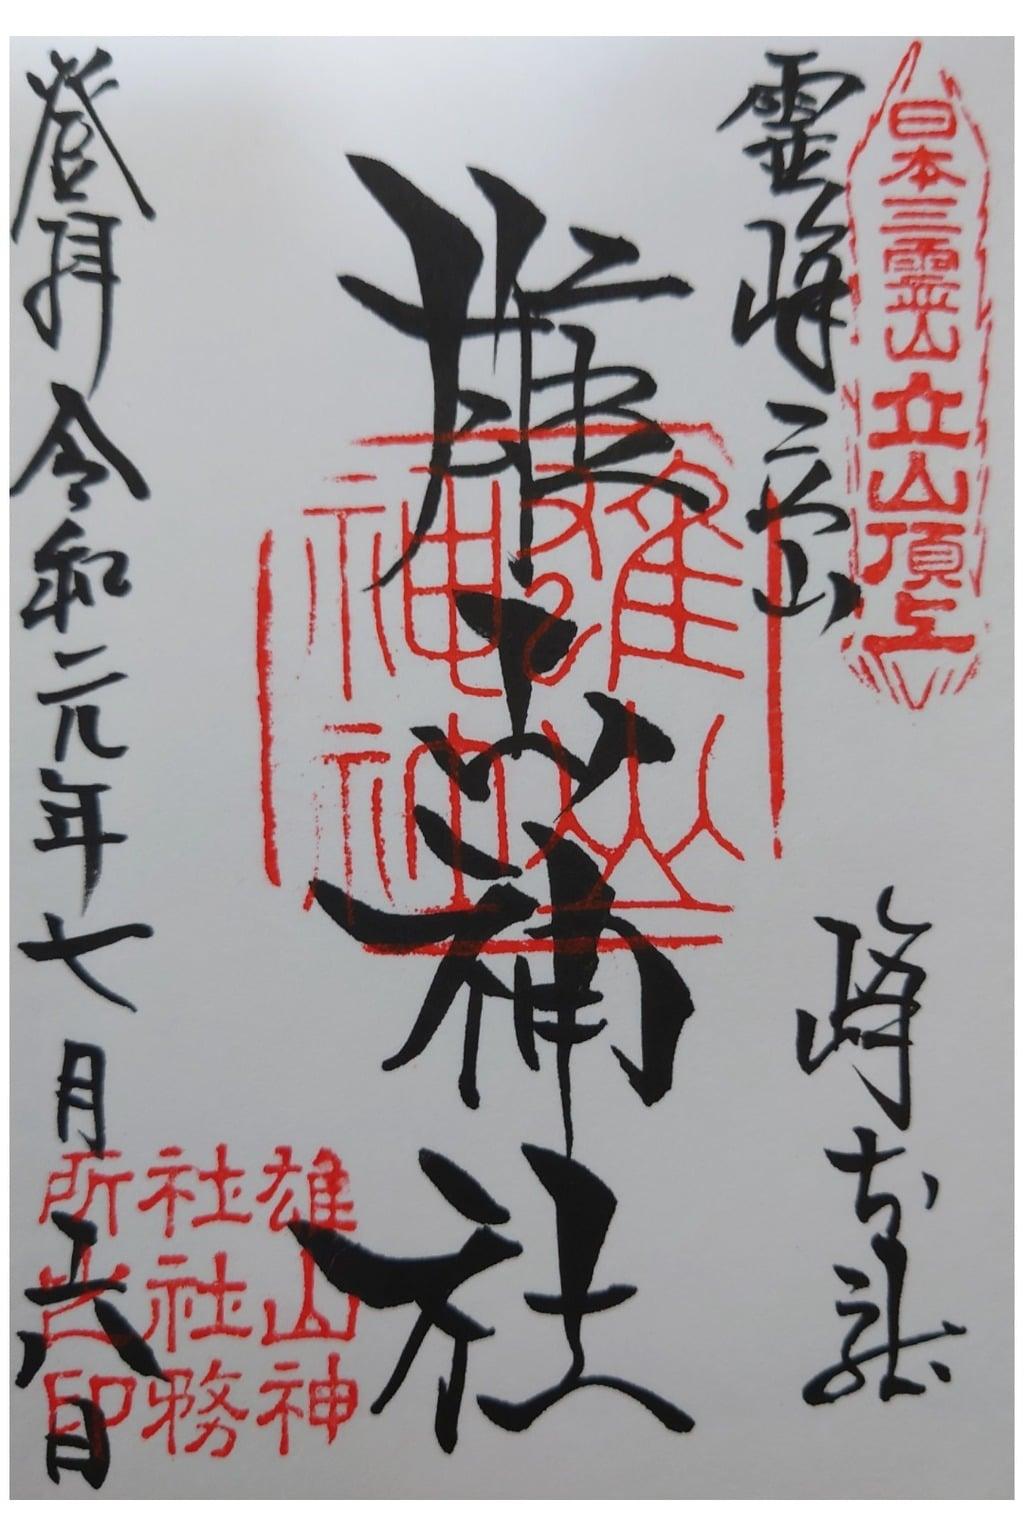 雄山神社峰本社の御朱印